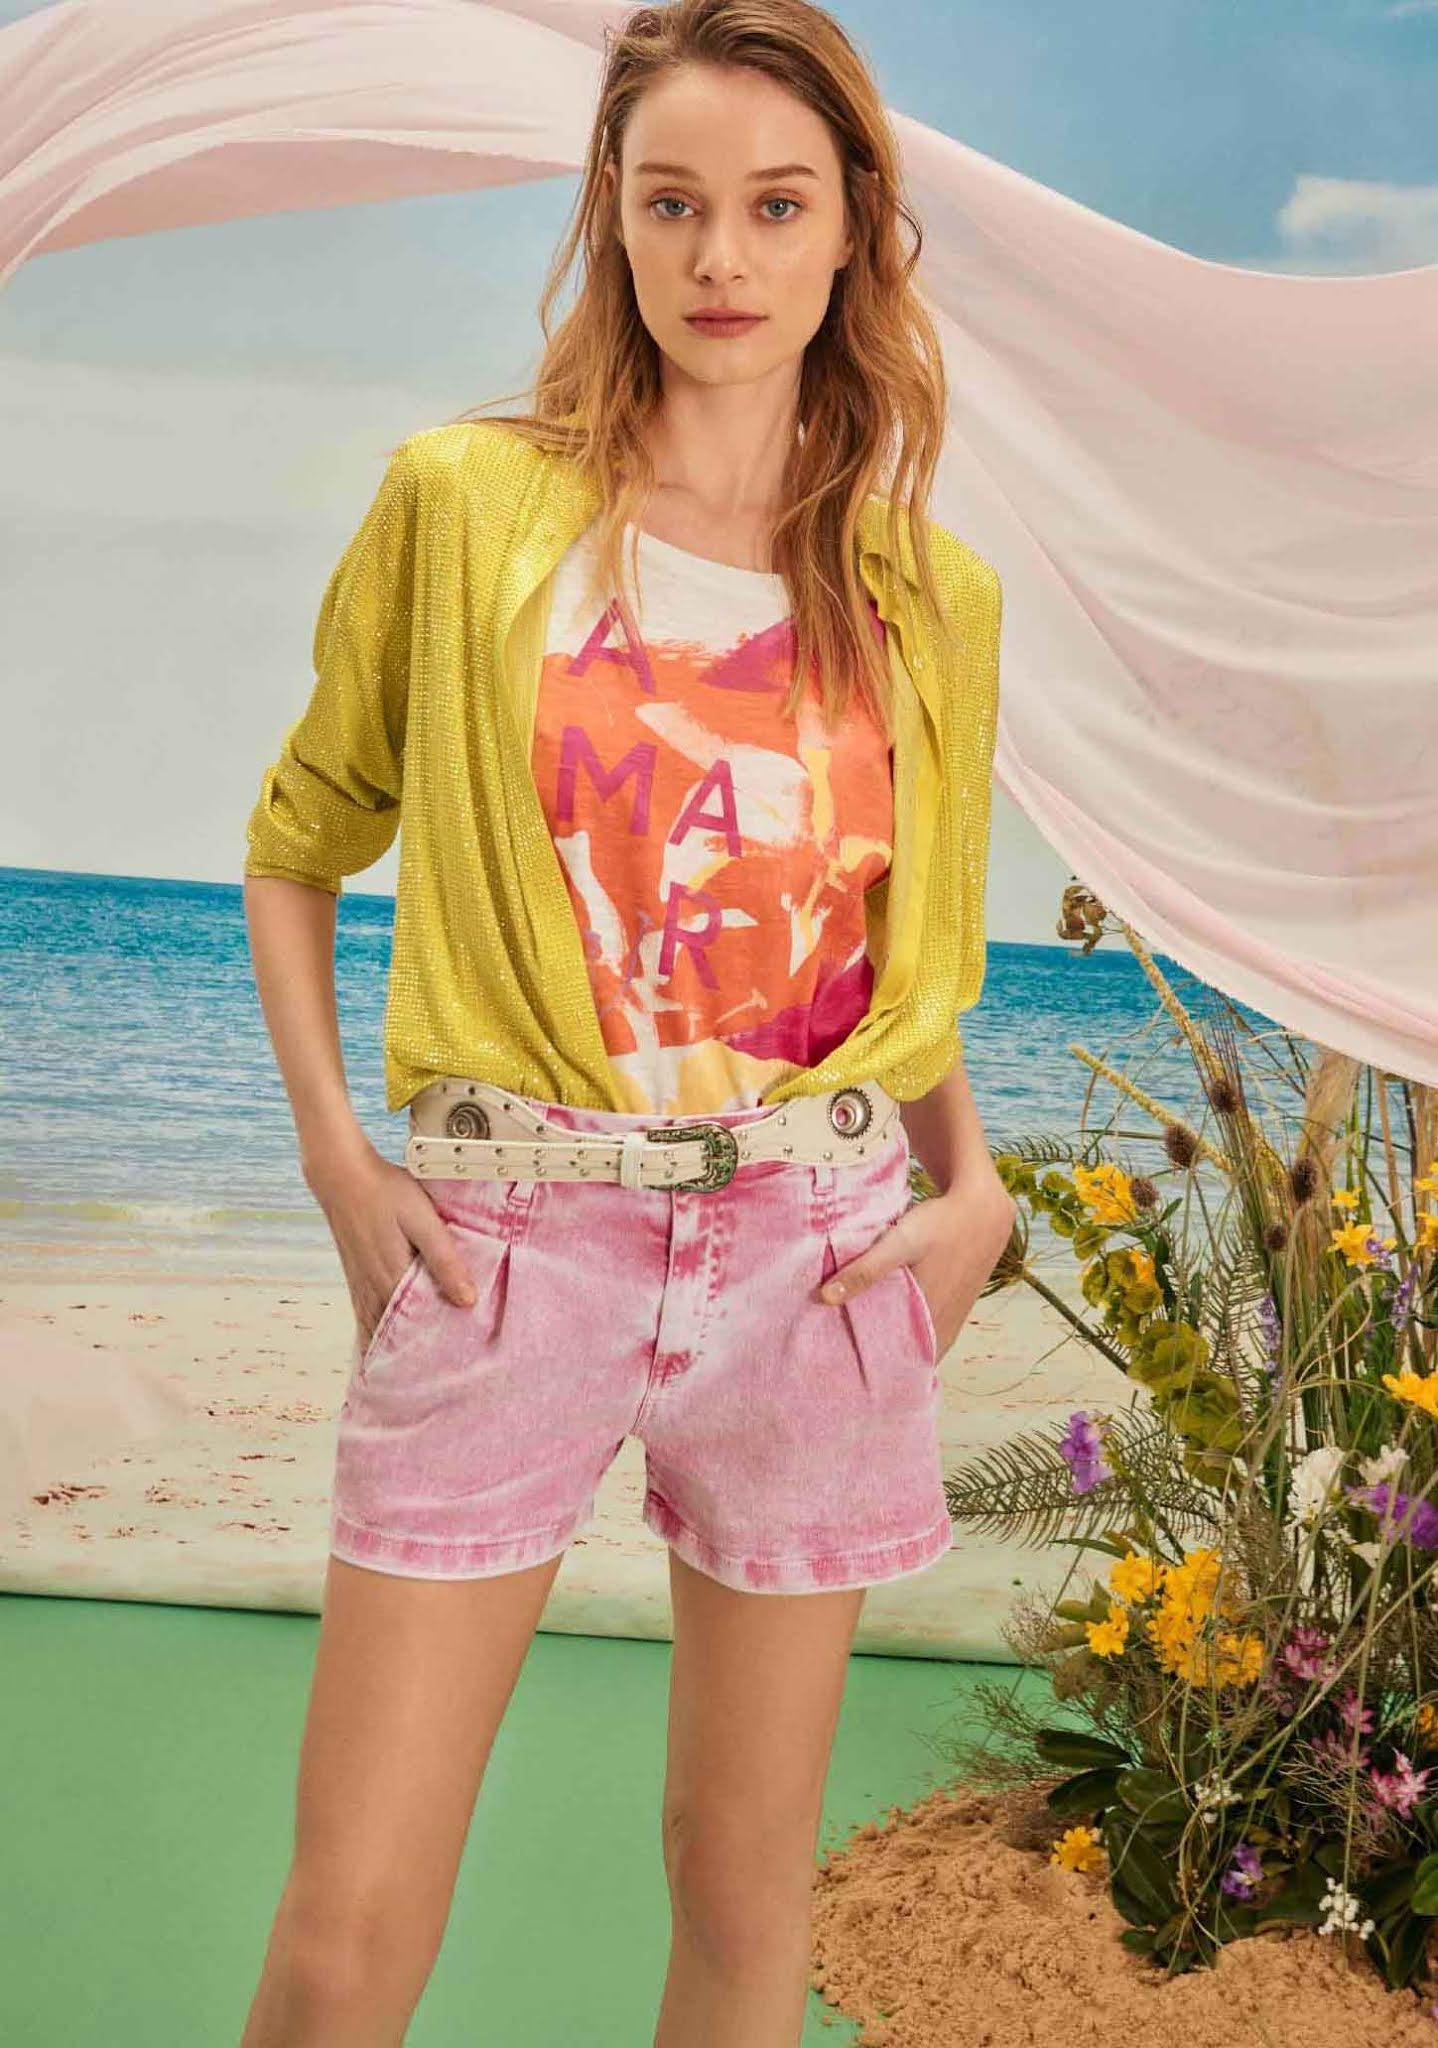 Ropa de verano moda 2021 mujer camisas remeras shorts